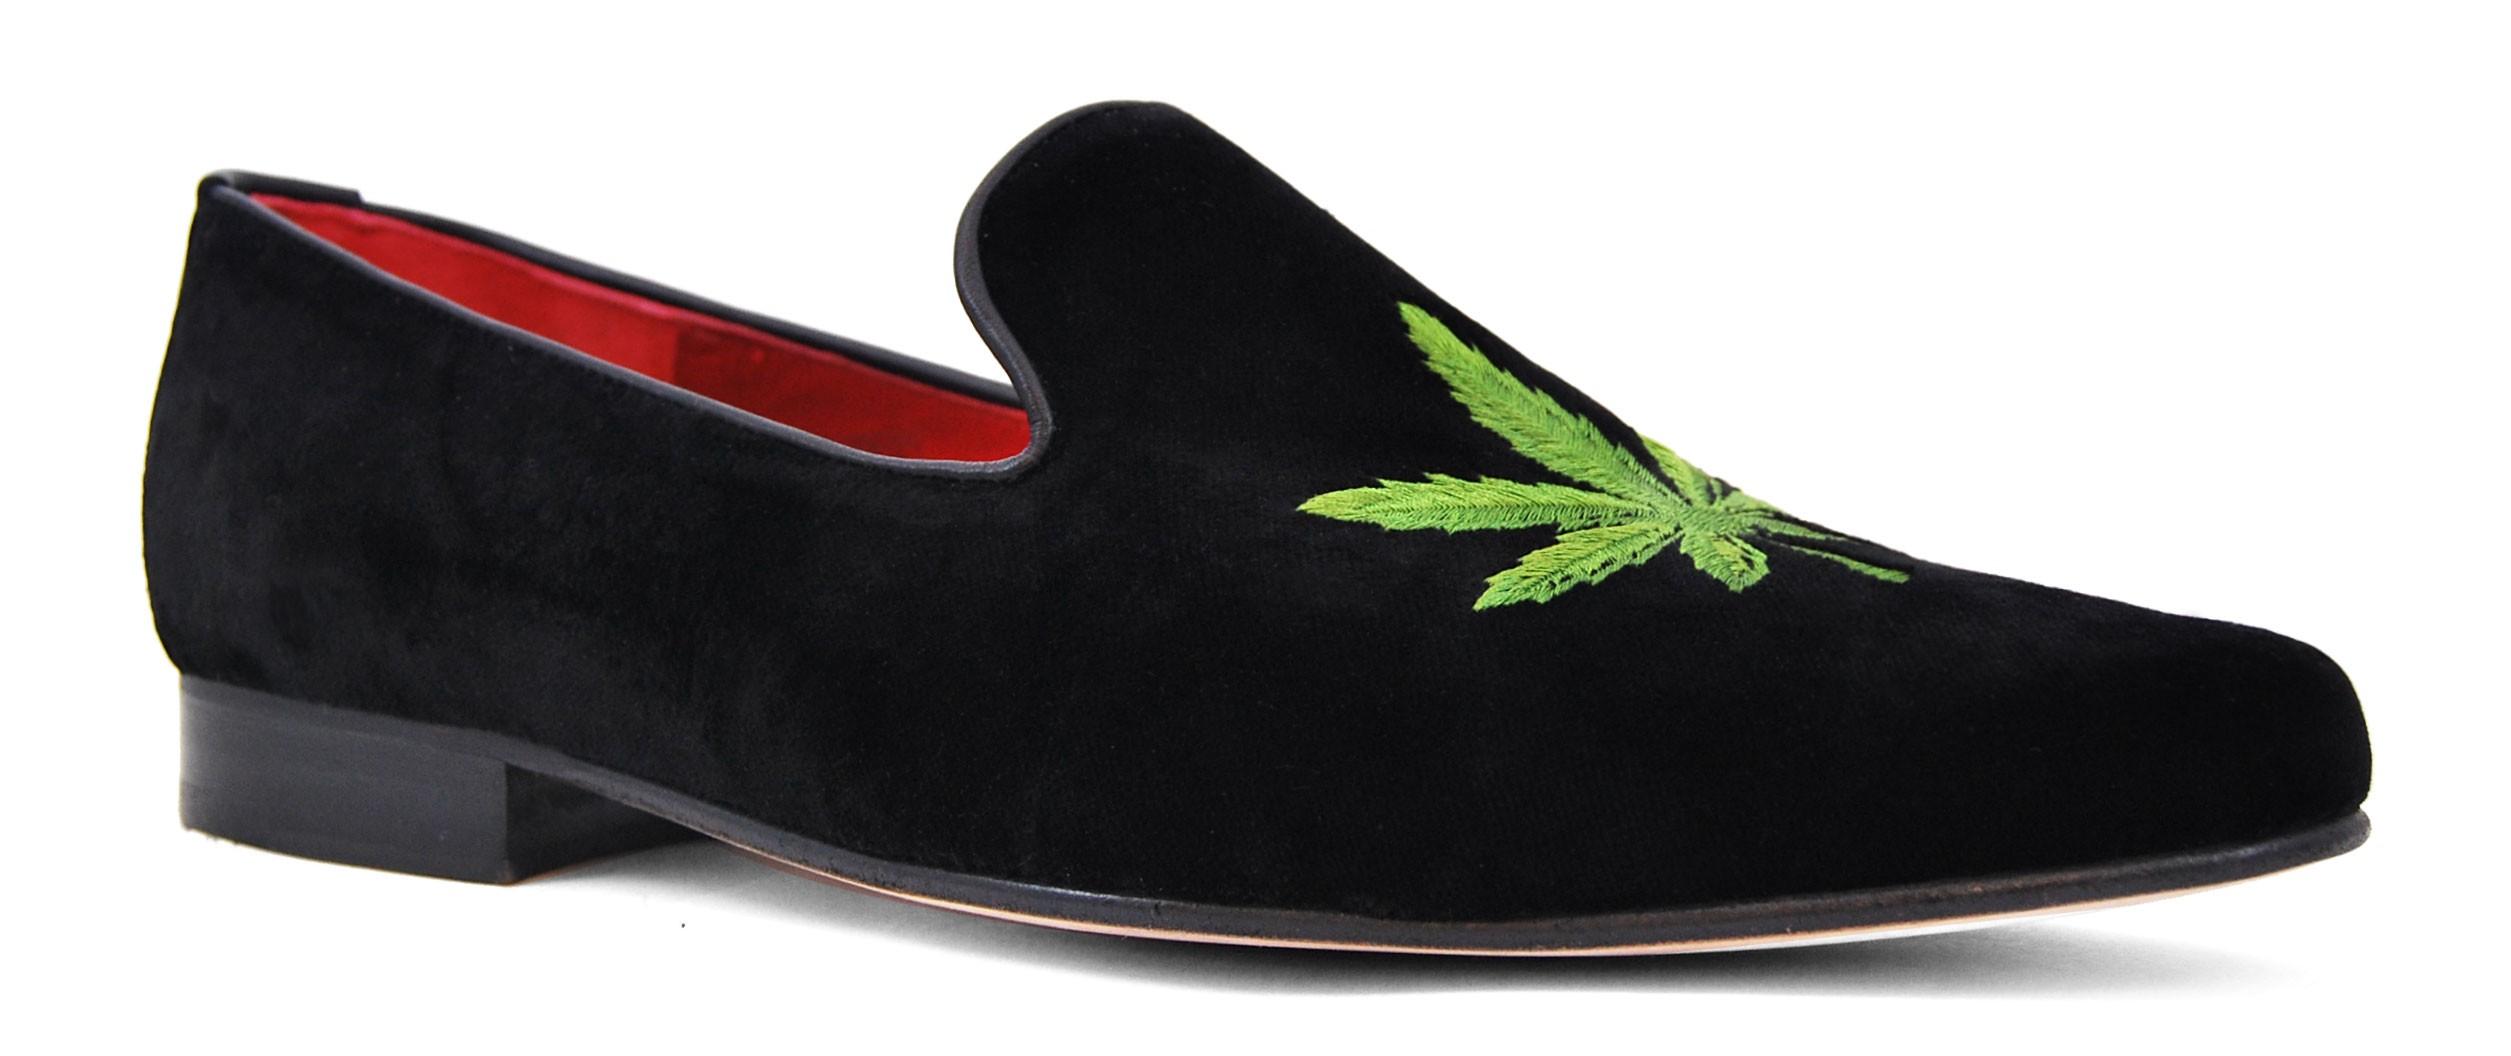 Foto 4 de Velvet Slippers Cannabis Hoja